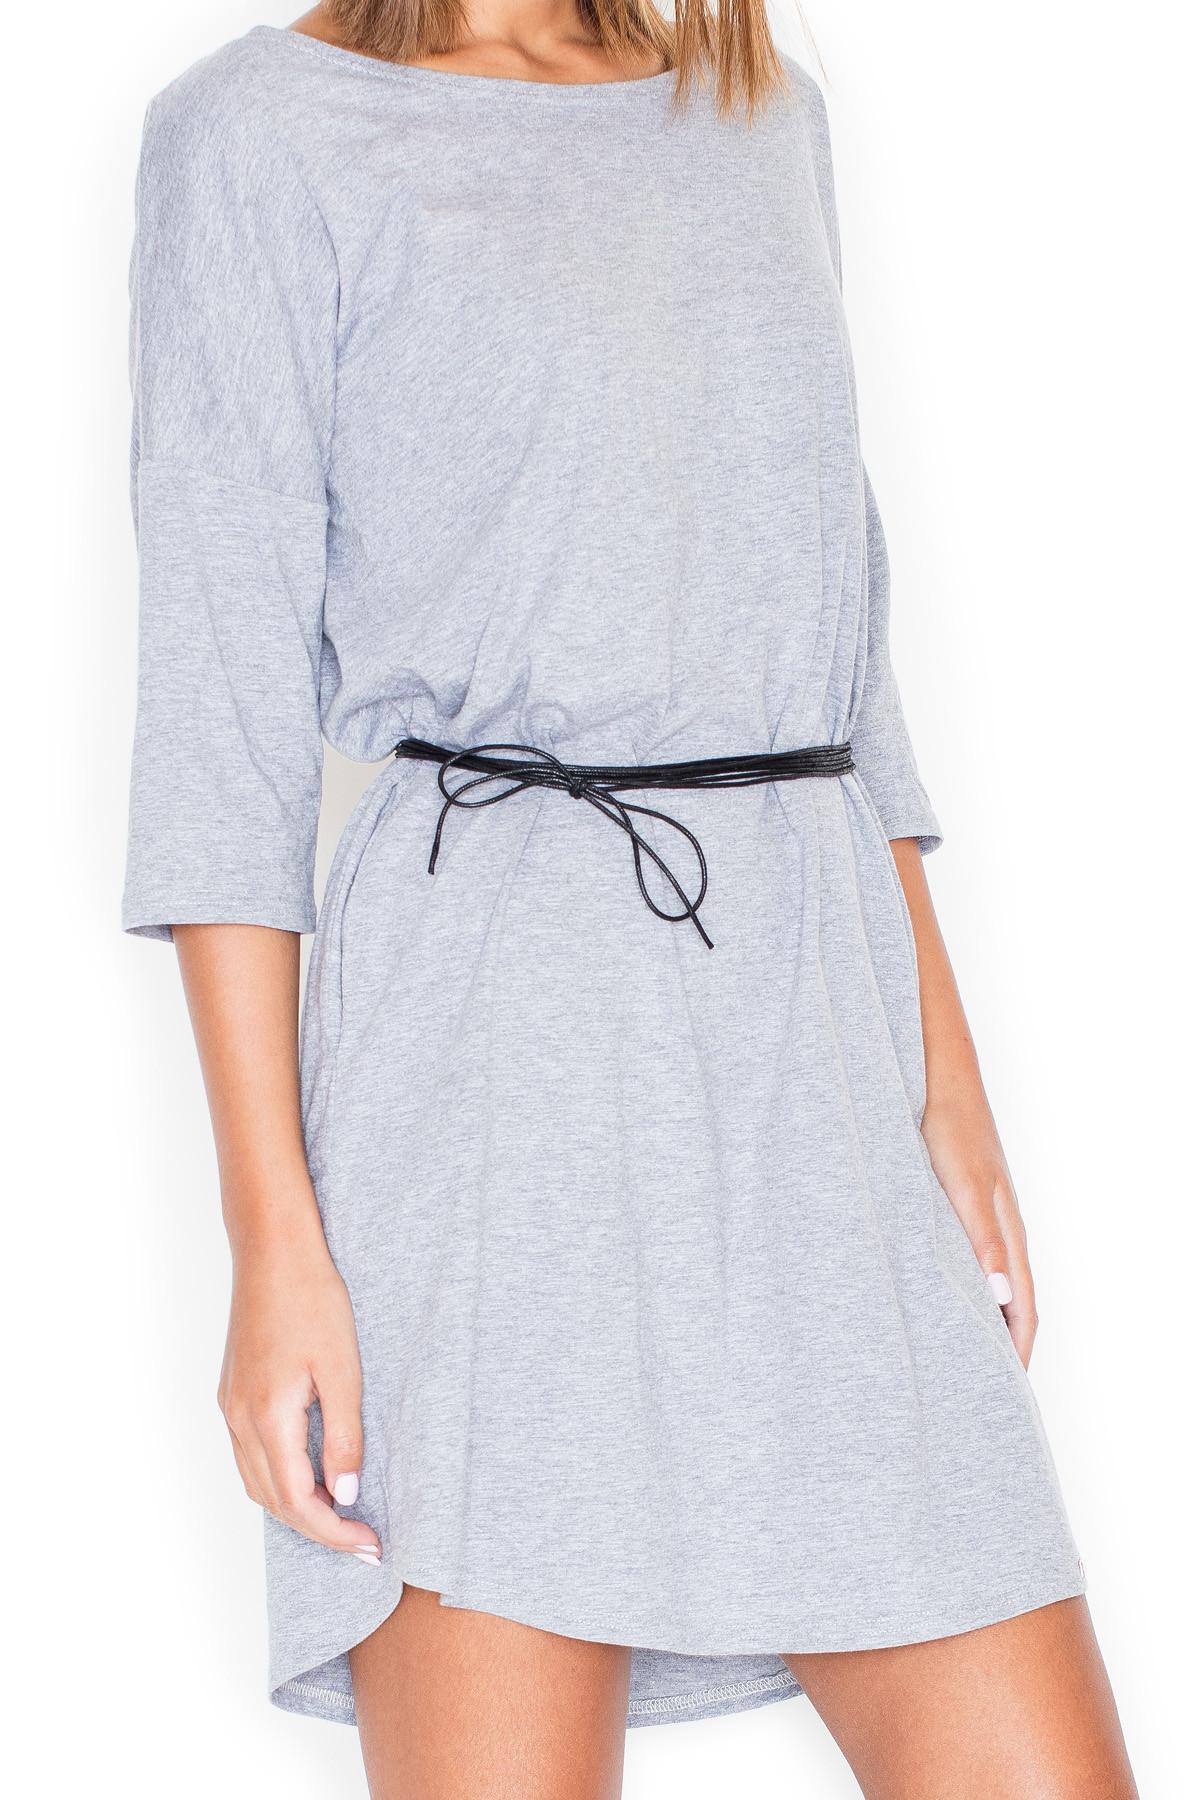 Denní šaty model 50903 Katrus M